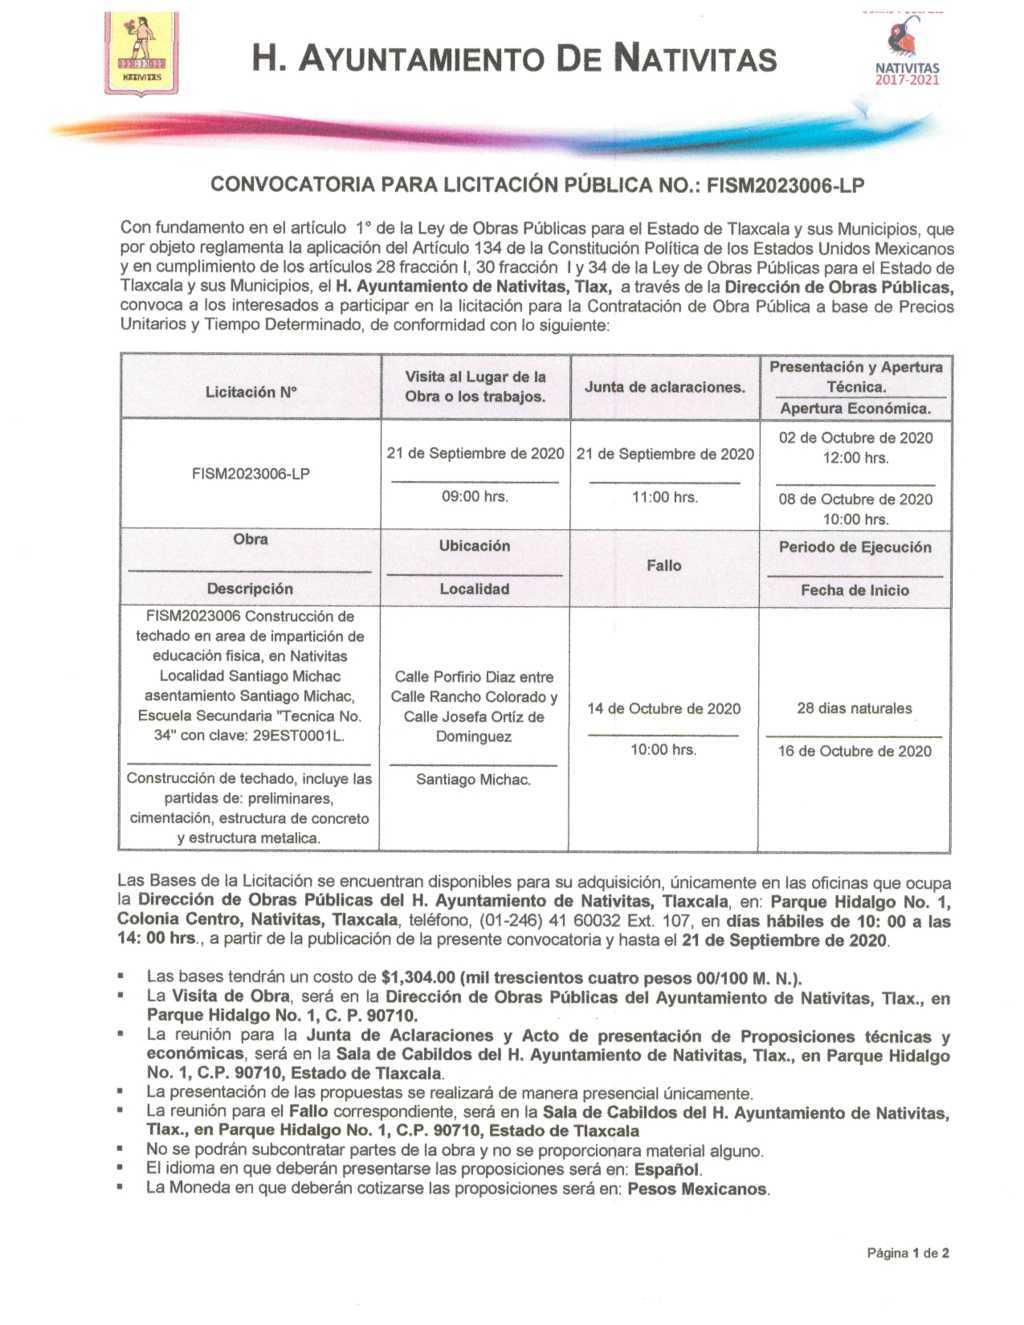 Convocatoria para licitación en Nativitas, Techumbre Michac